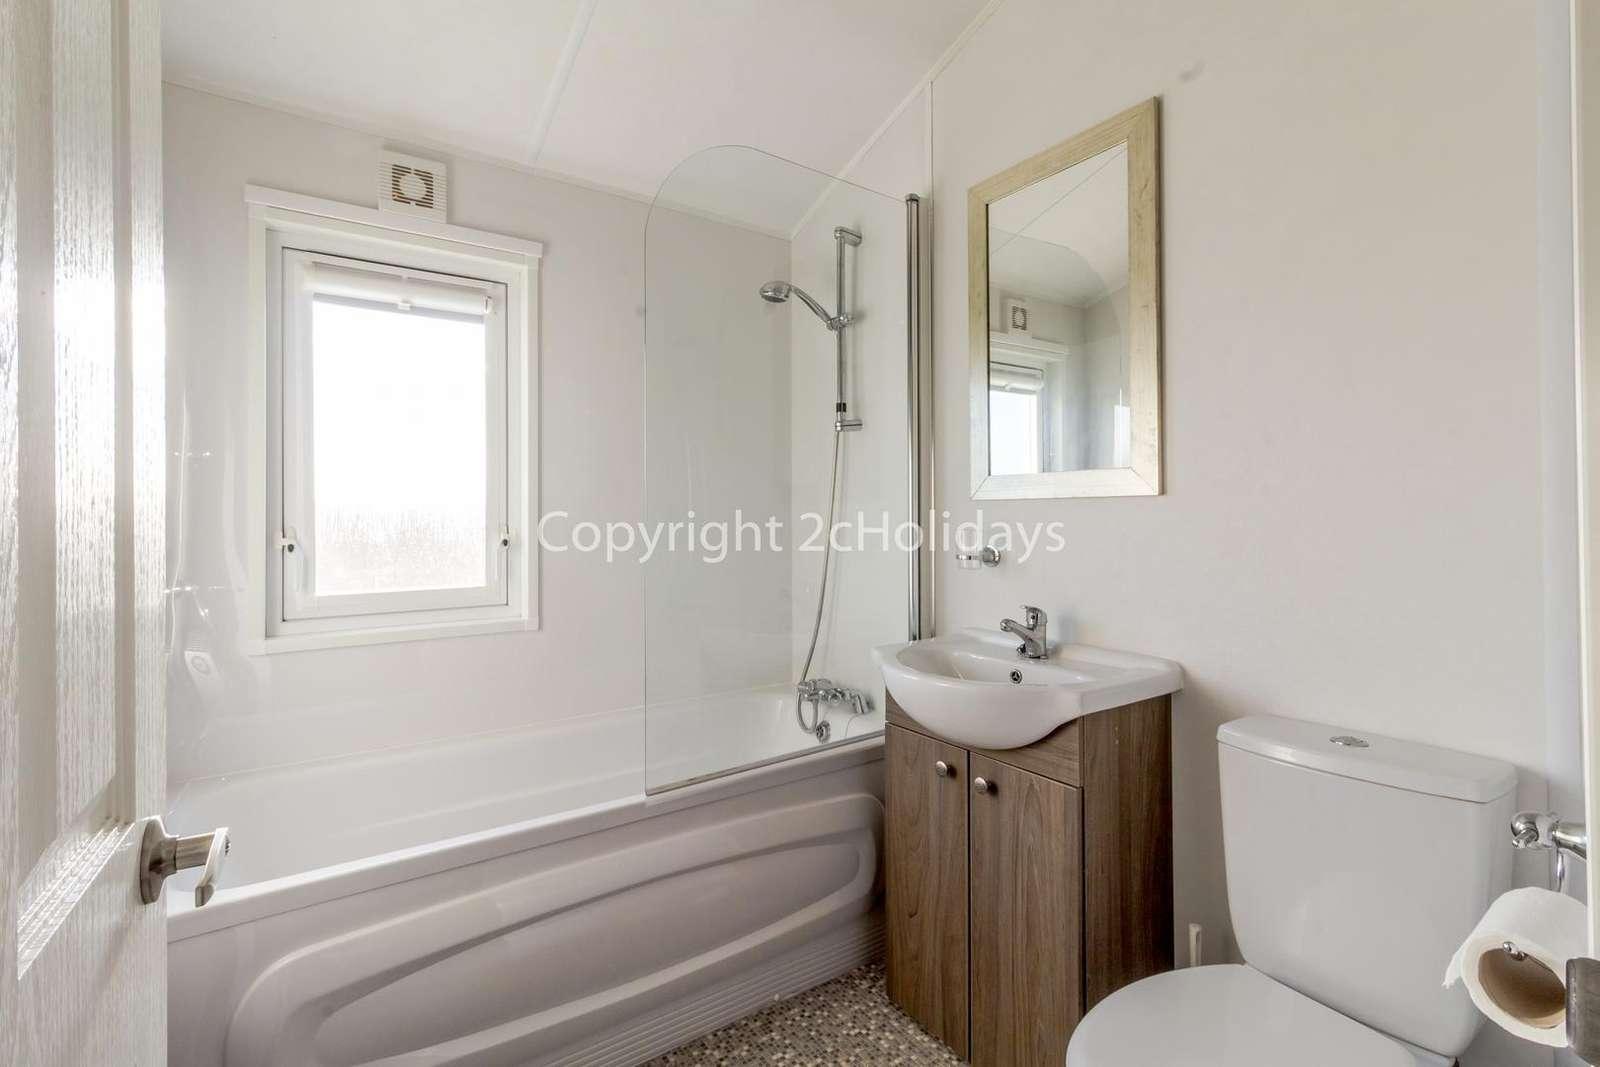 Spacious family washroom with a bath!